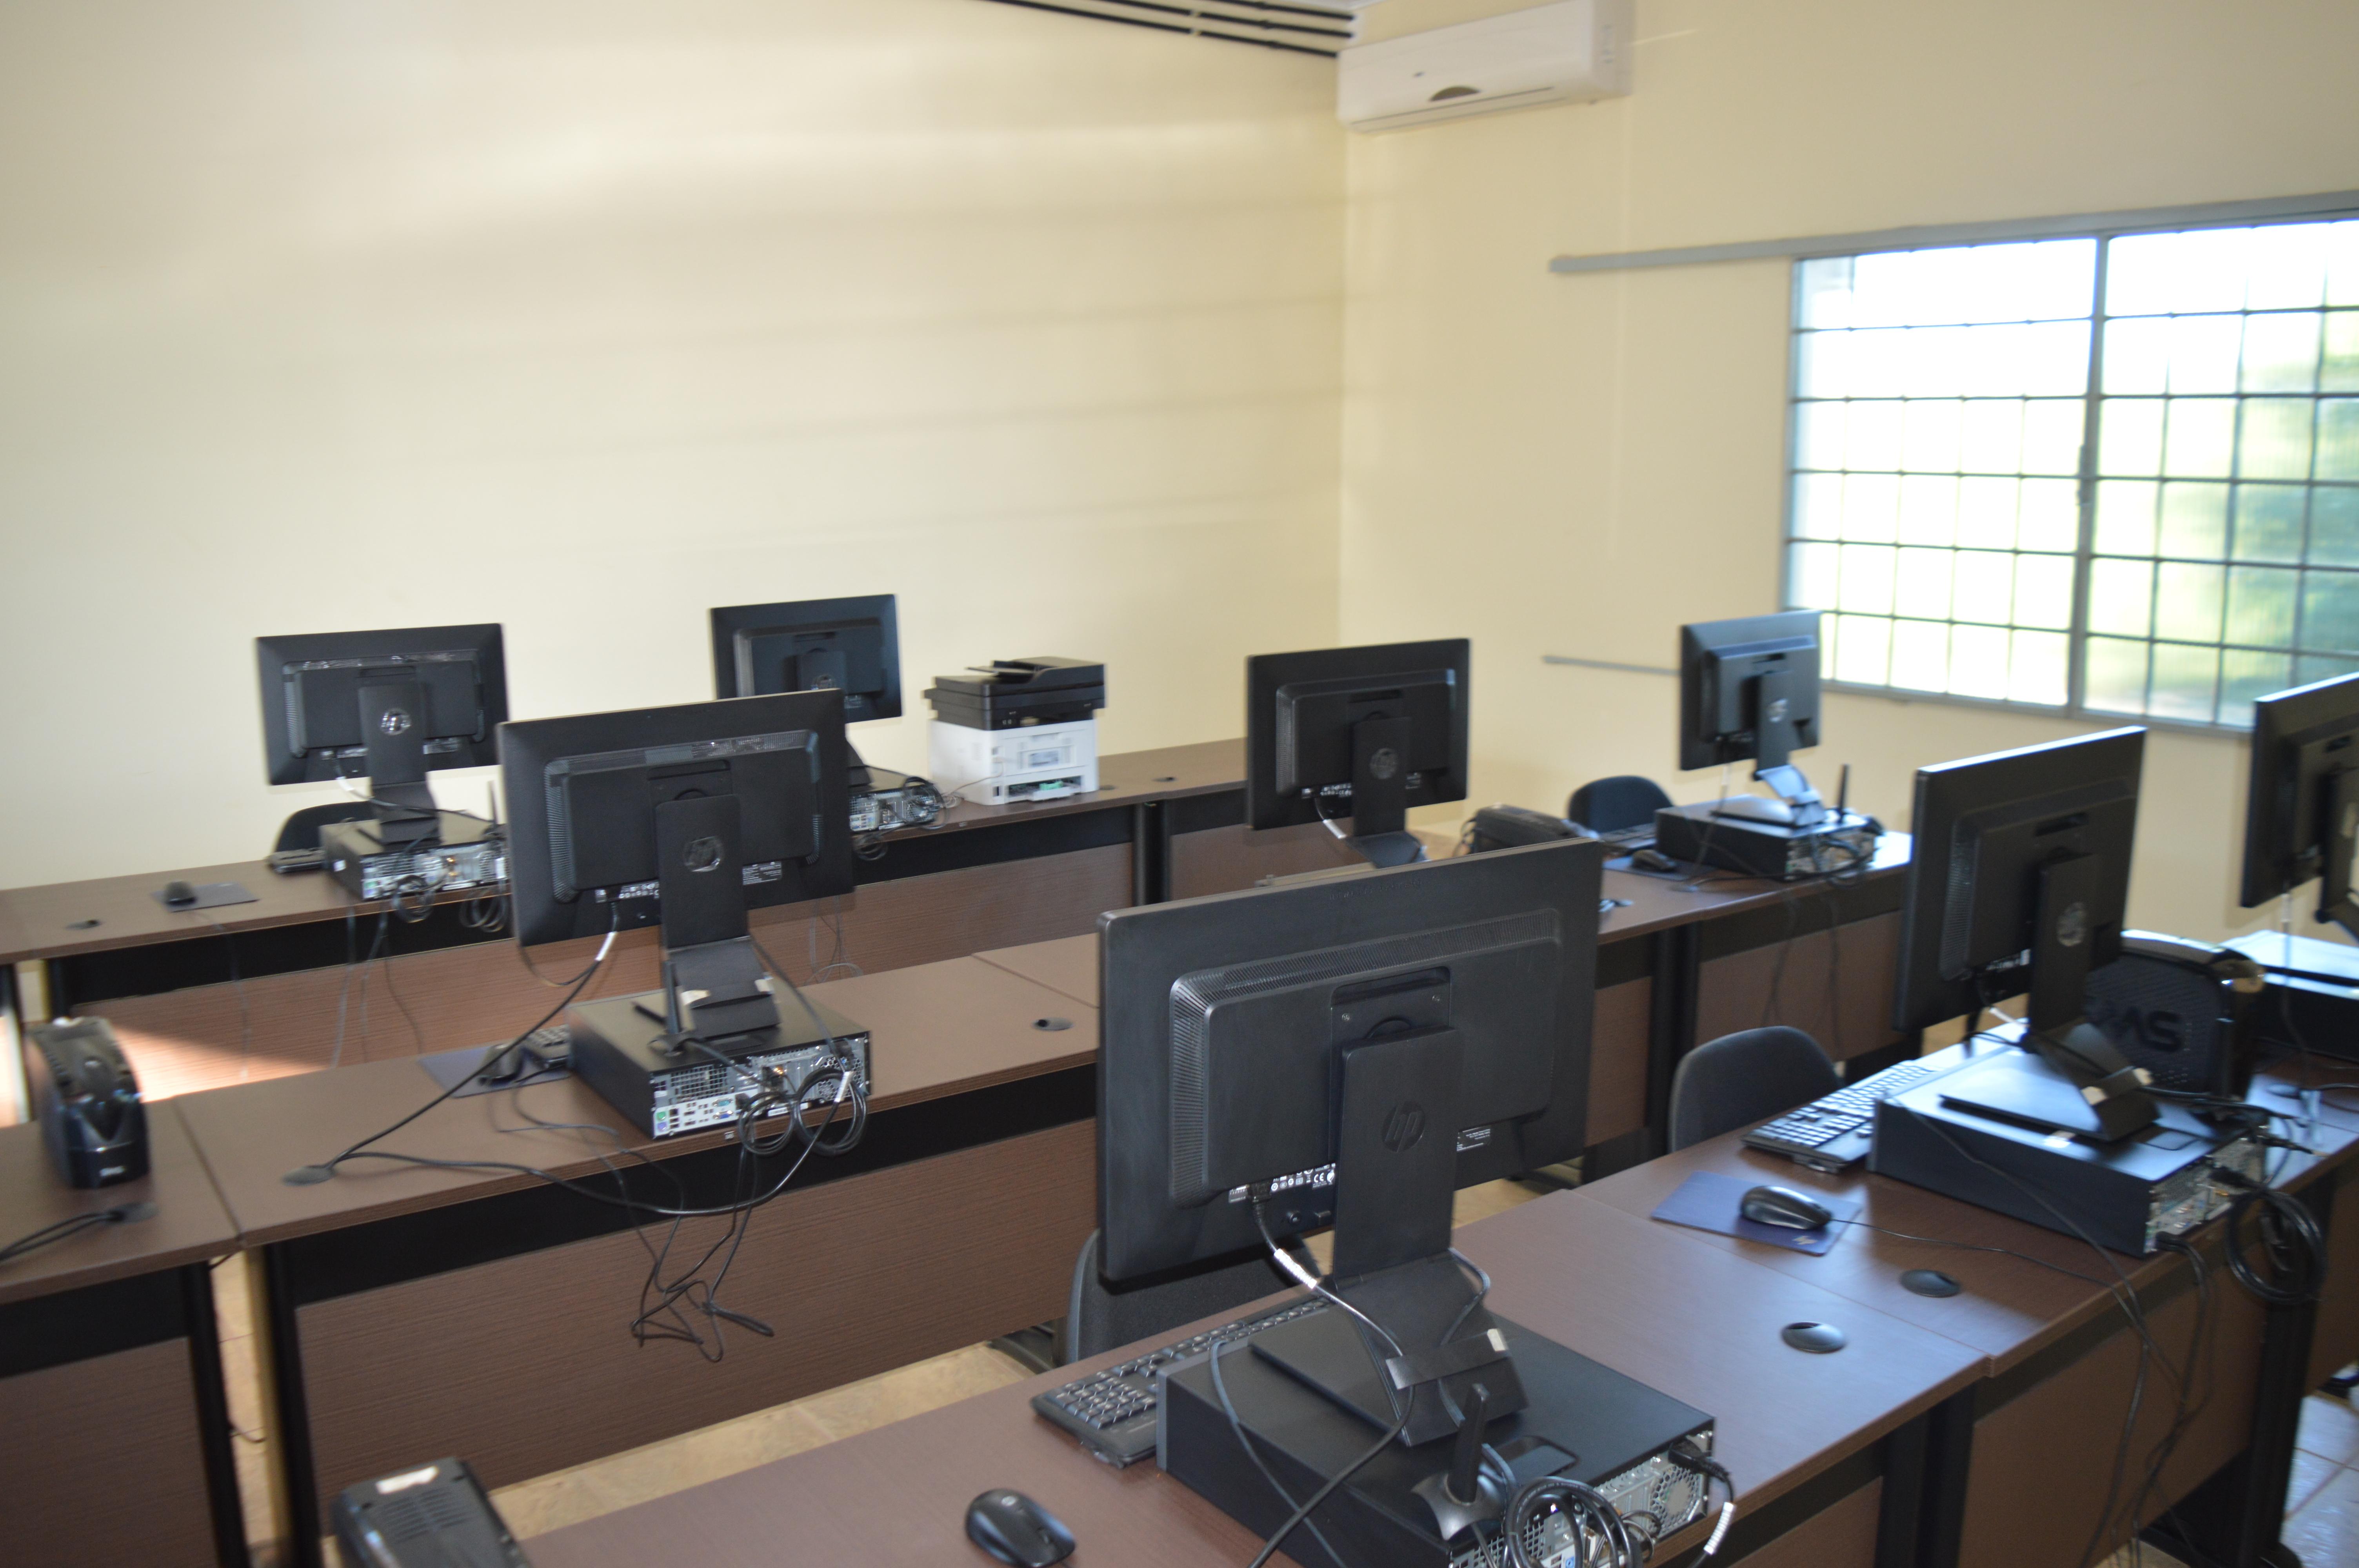 Priante ajuda a modernizar a Universidade  Federal do Sul e Sudeste do Pará